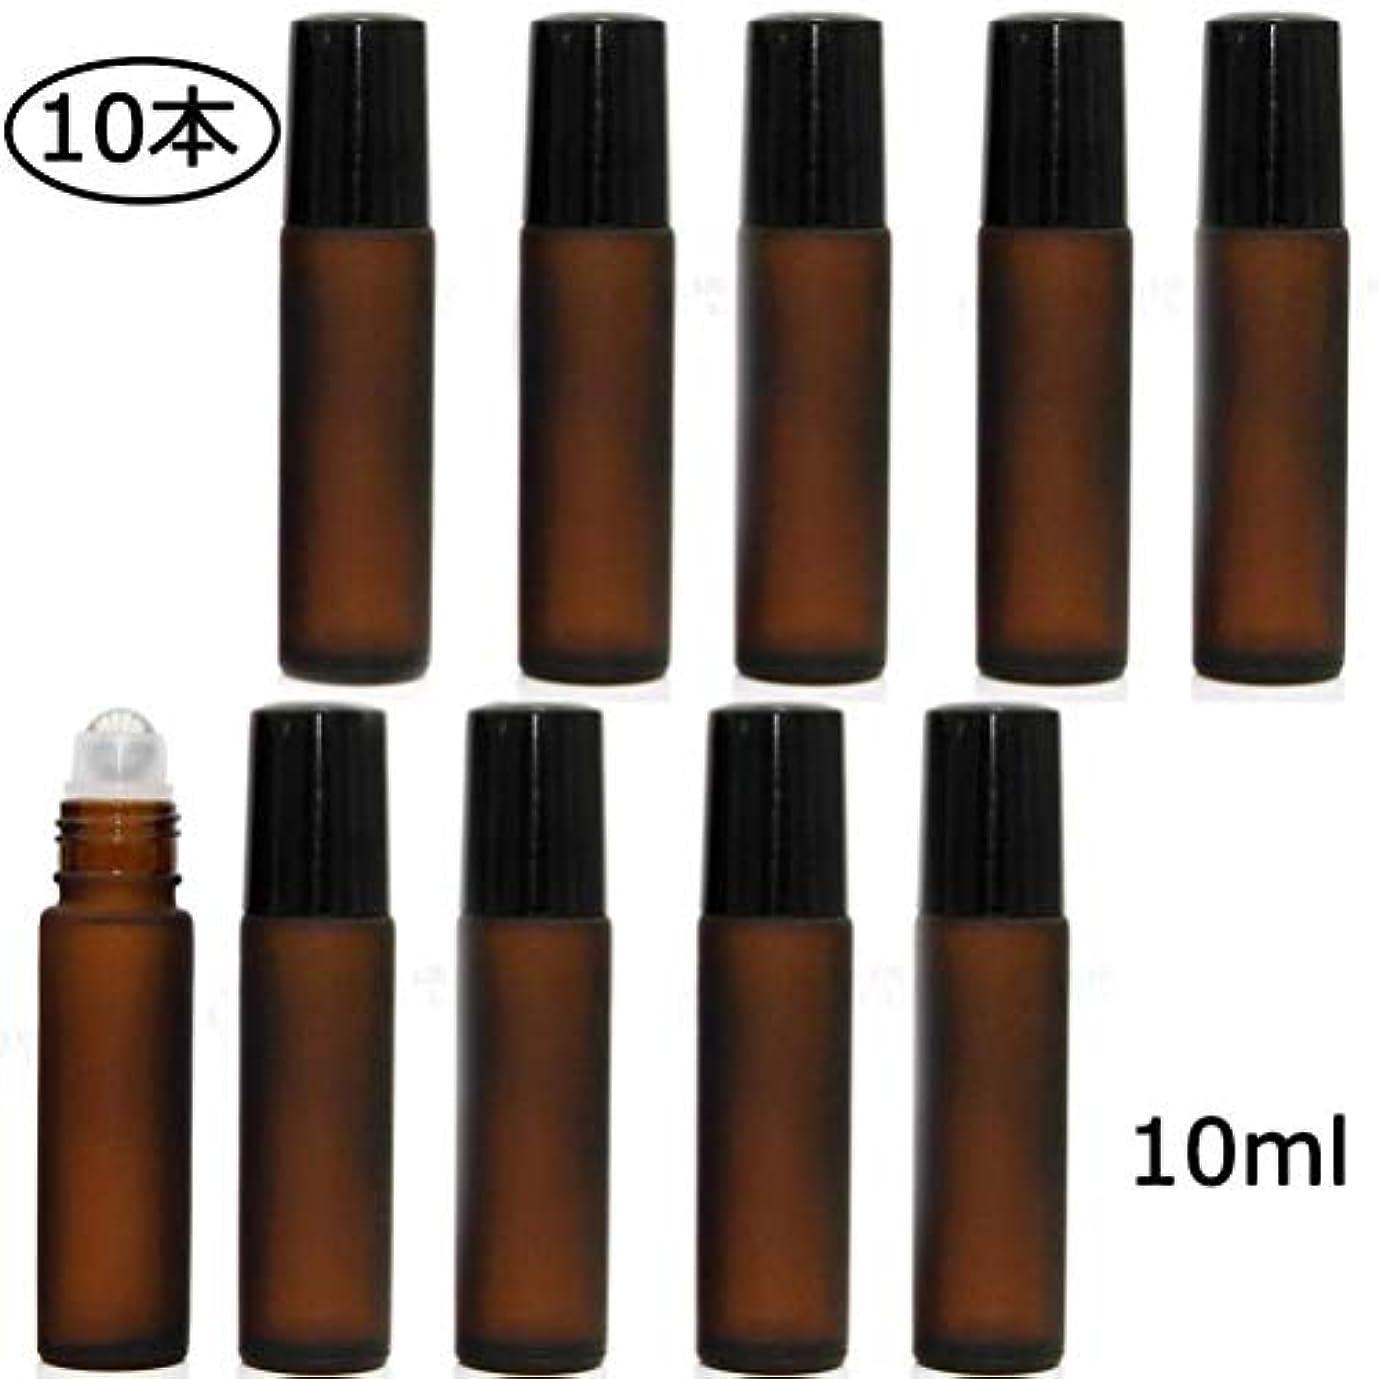 有効な戦う住居Flymylion ロールオンボトル アロマオイル 精油 小分け用 遮光瓶 10ml 10本セット ガラスロールタイプ (茶色)